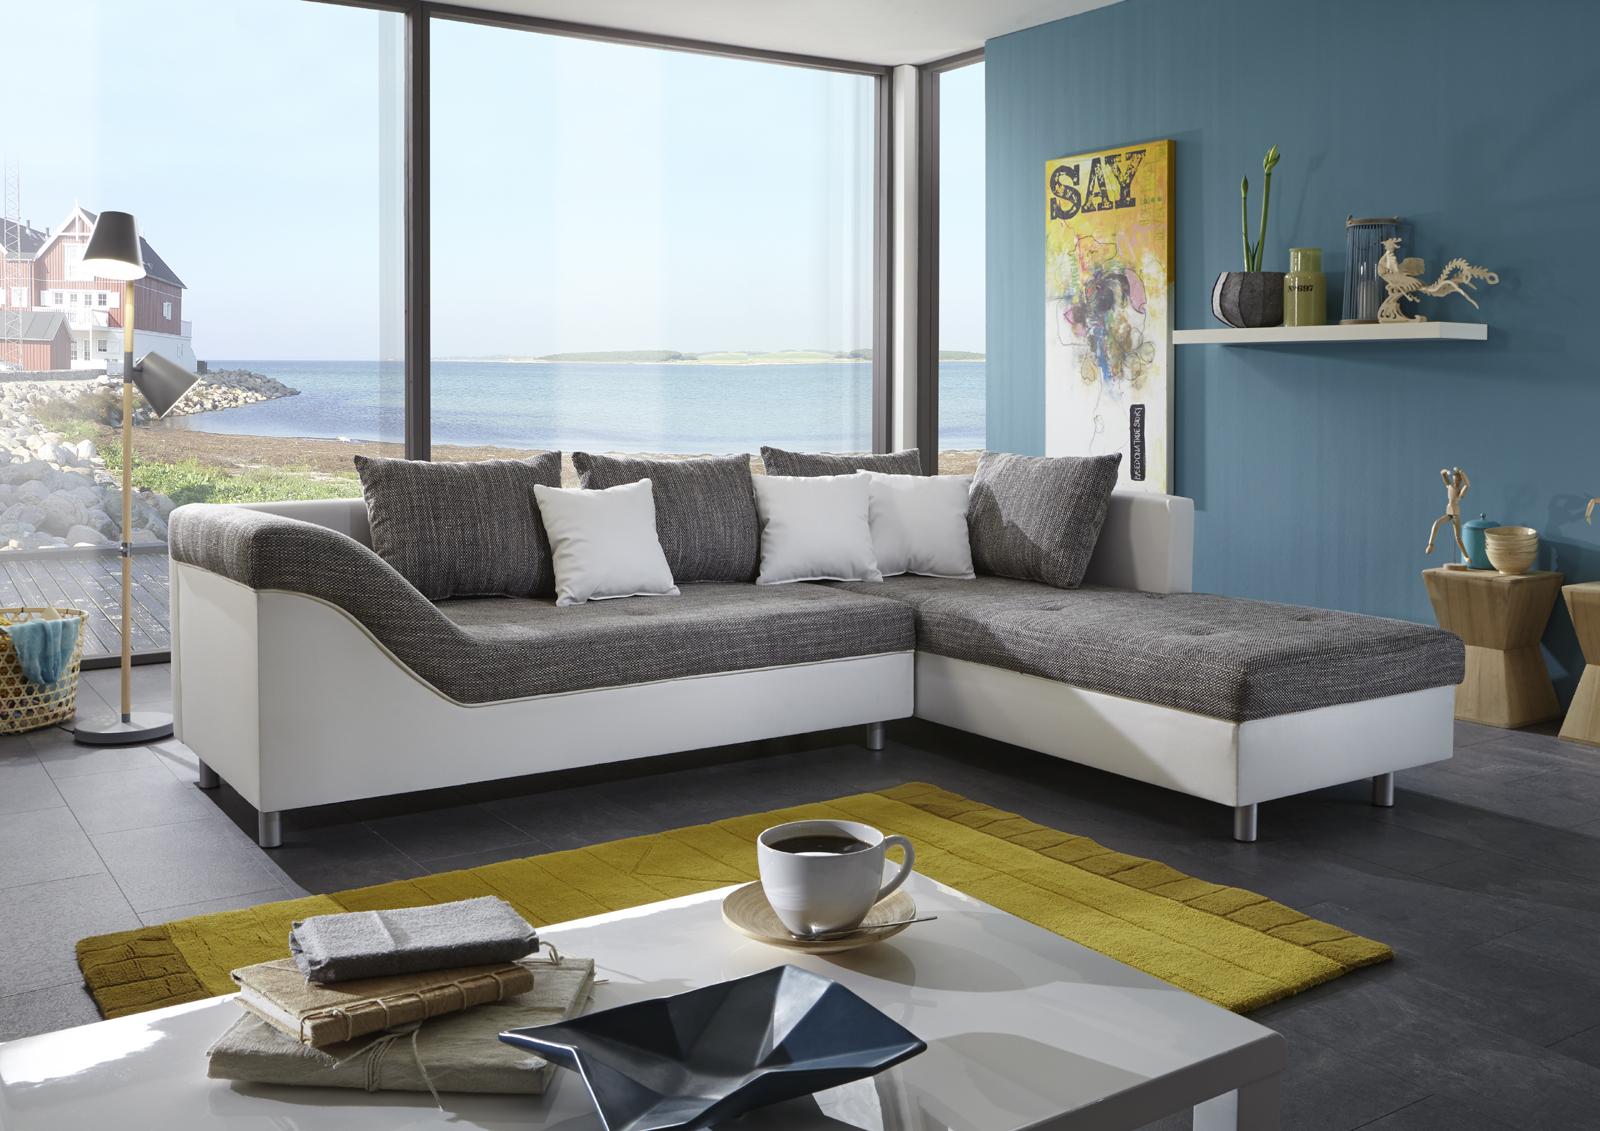 SAM® Sofa grau weiß Ecksofa Phil 261 x 204 cm -> Ecksofa Trends